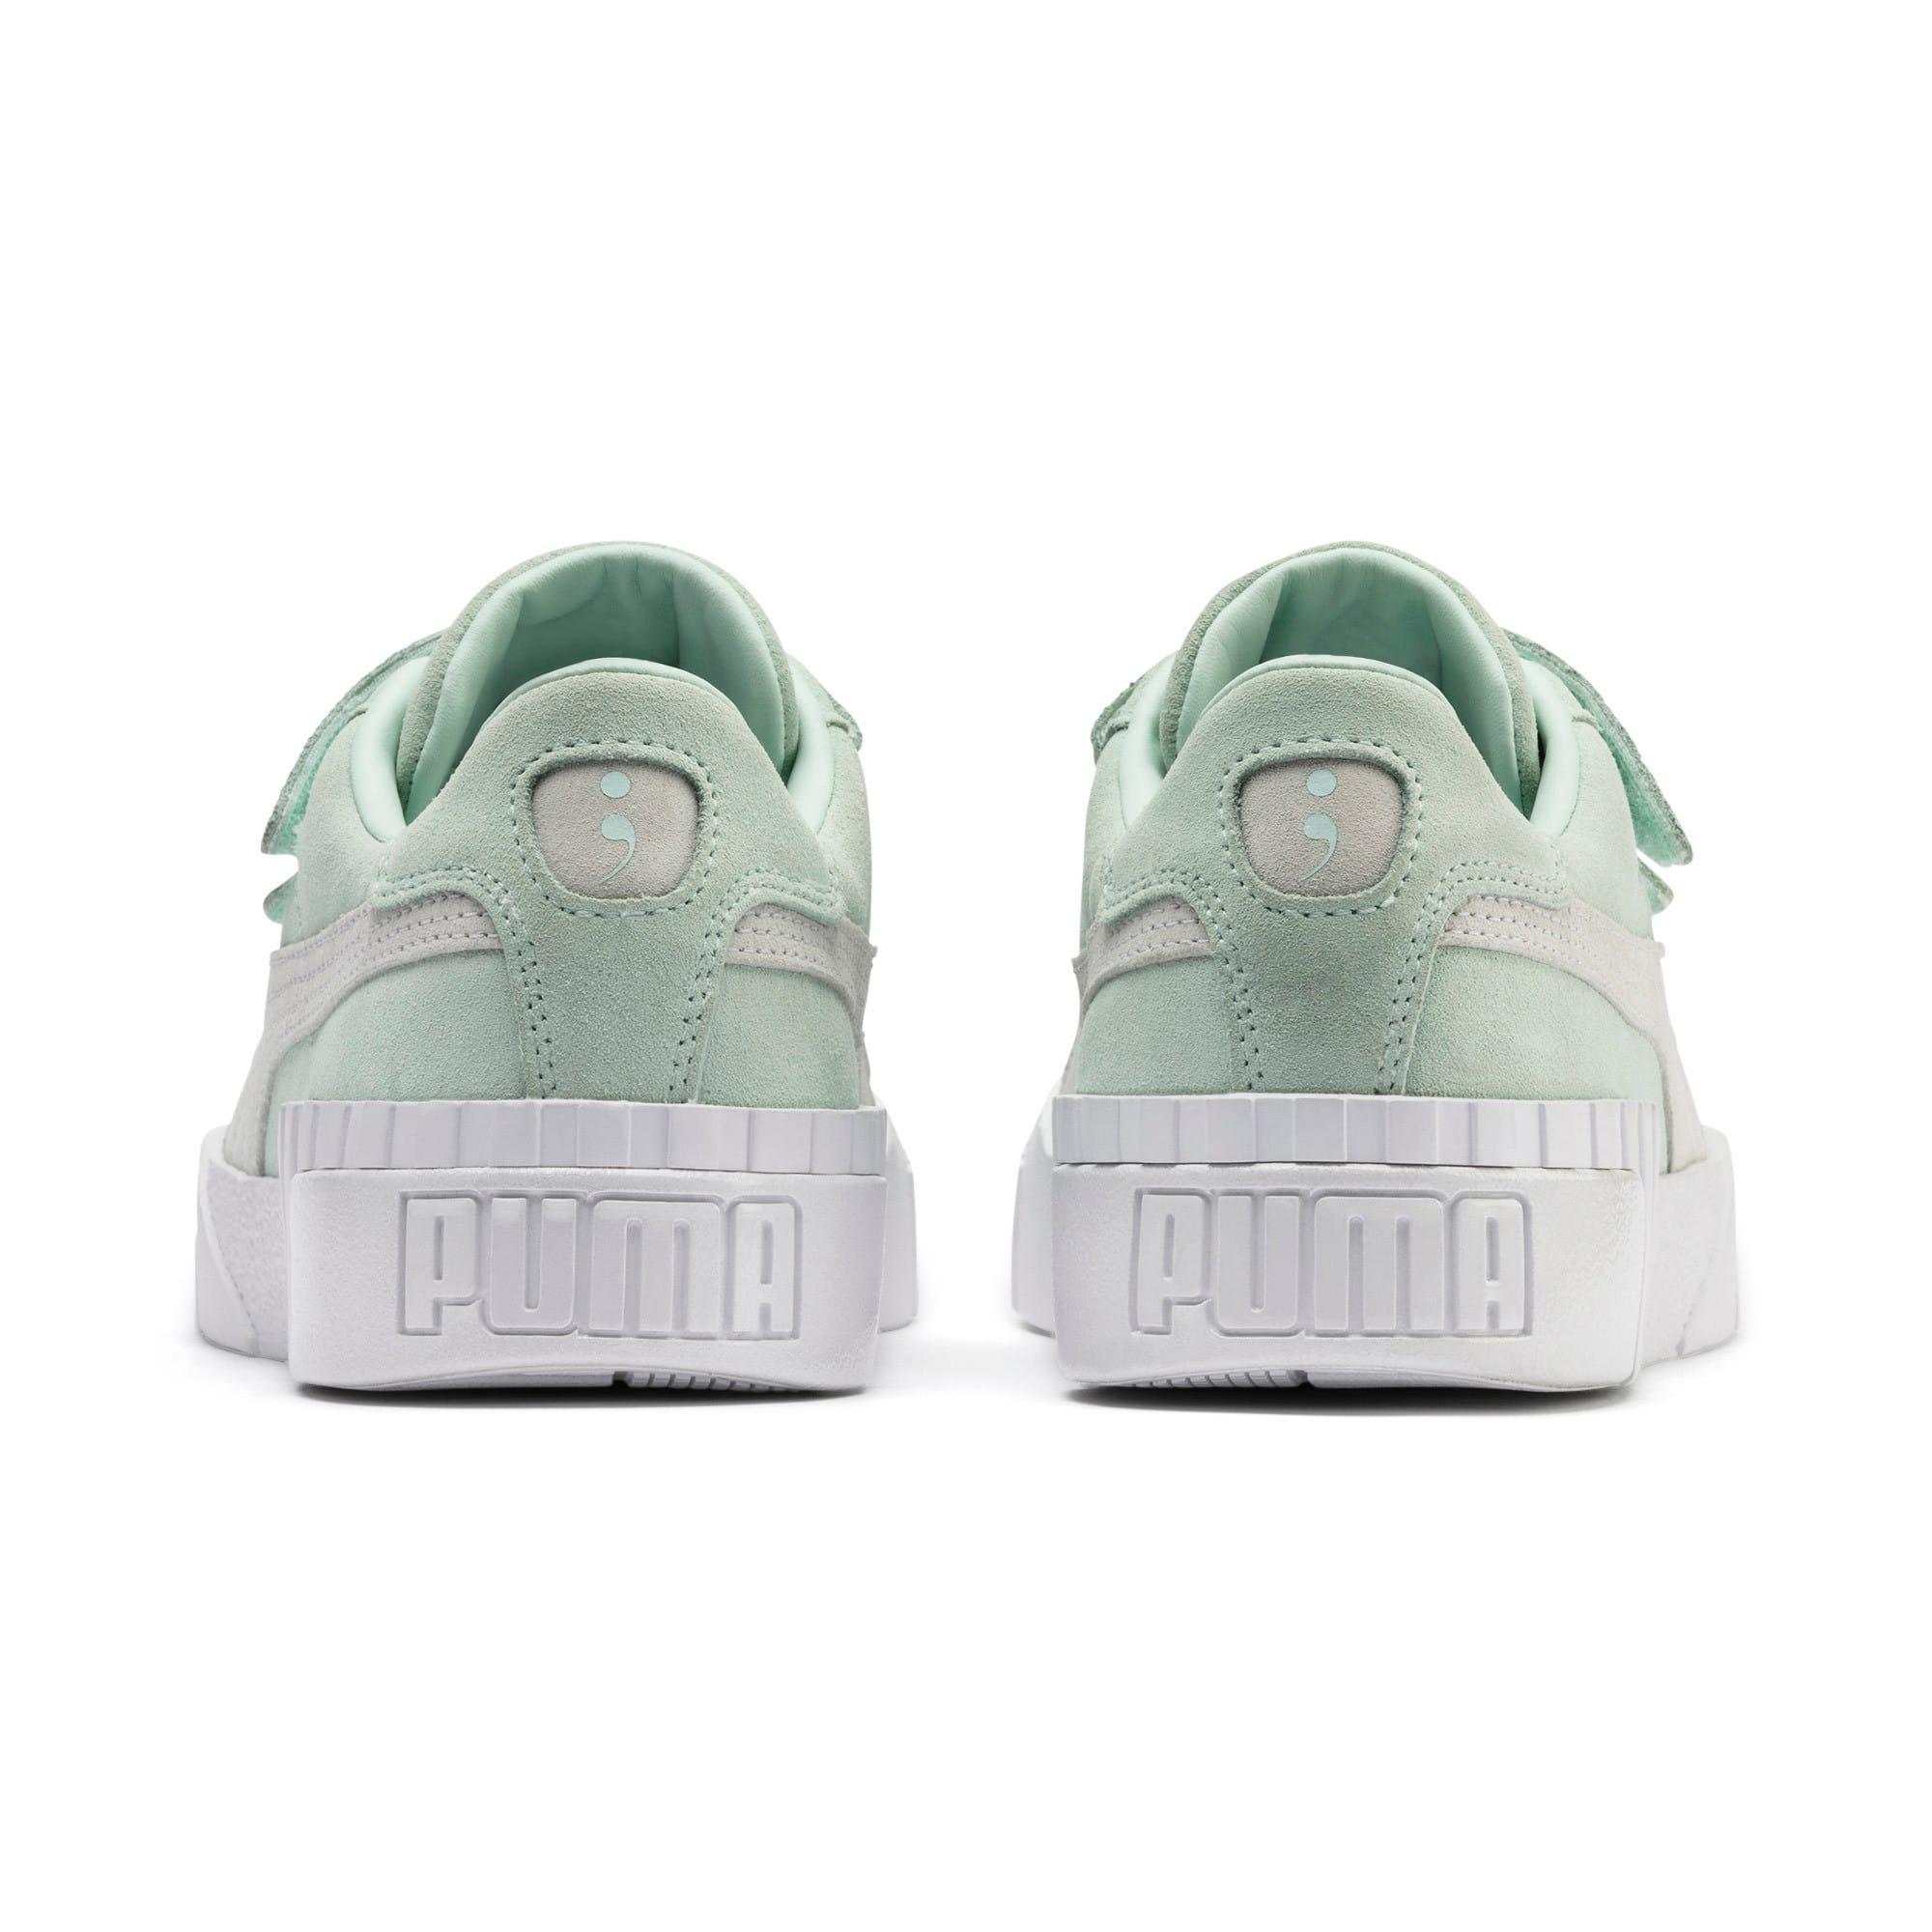 Imagen en miniatura 4 de Zapatillas de mujer Cali PUMA x SELENA GOMEZ, Fair Aqua-Puma White, mediana